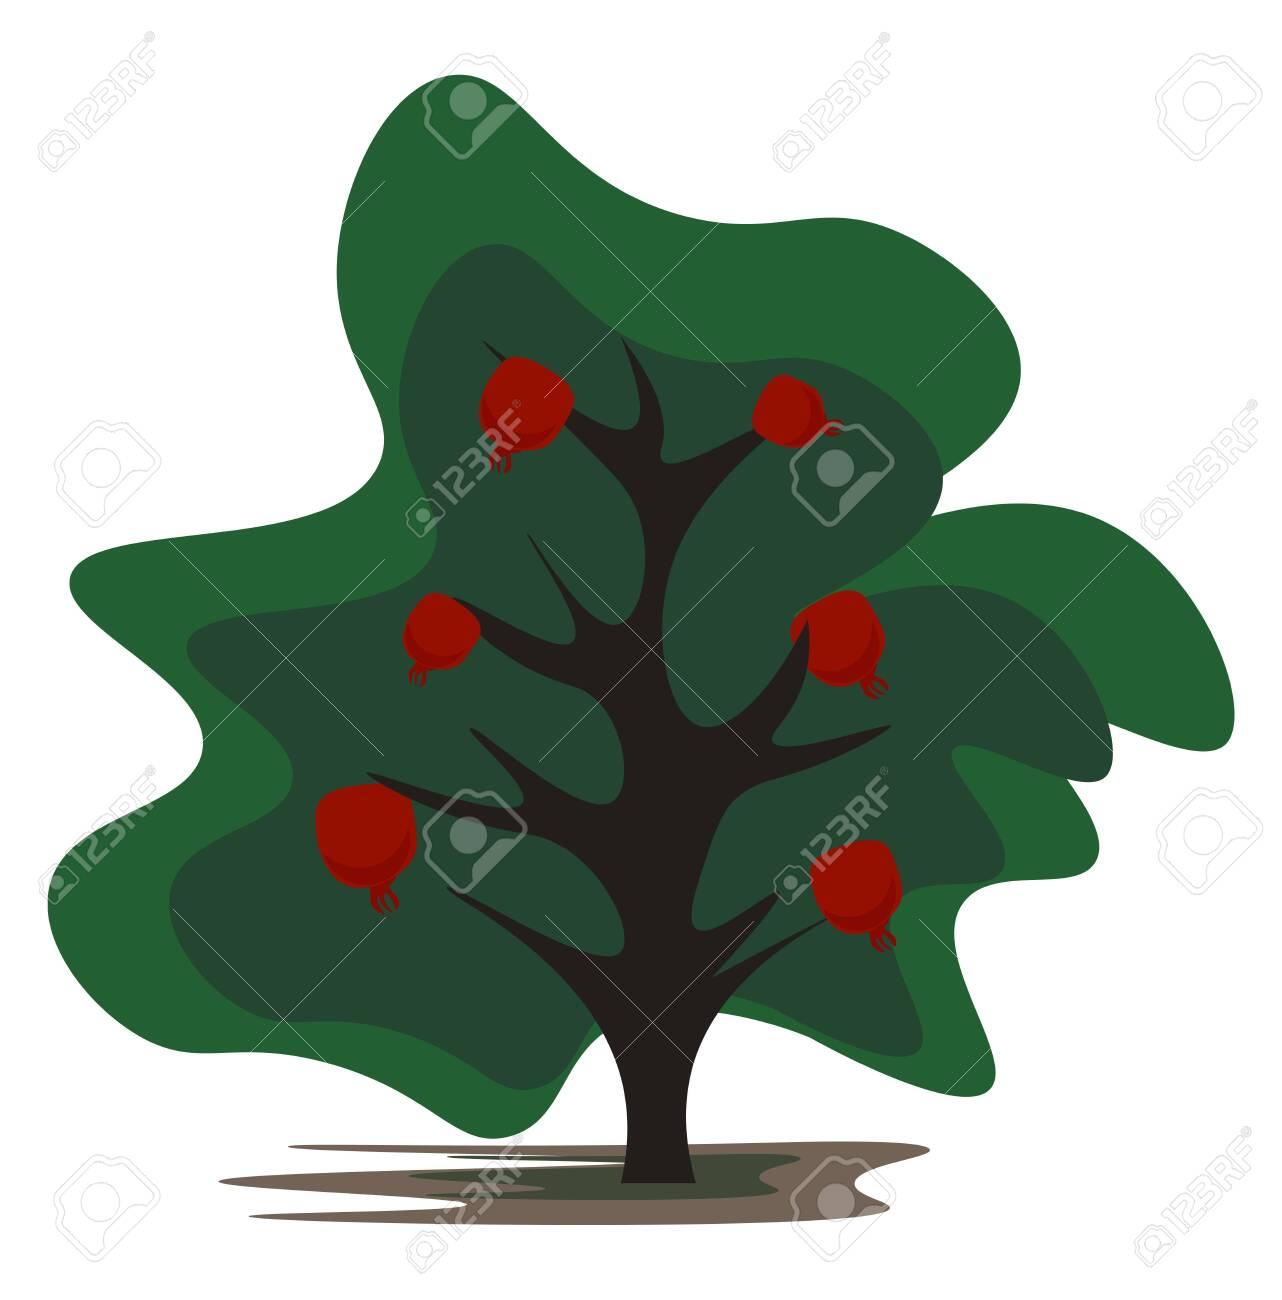 Cartoon Pomegranate Tree Bearing Plenty Of Pomegranate Fruits Royalty Free Cliparts Vectors And Stock Illustration Image 132667323